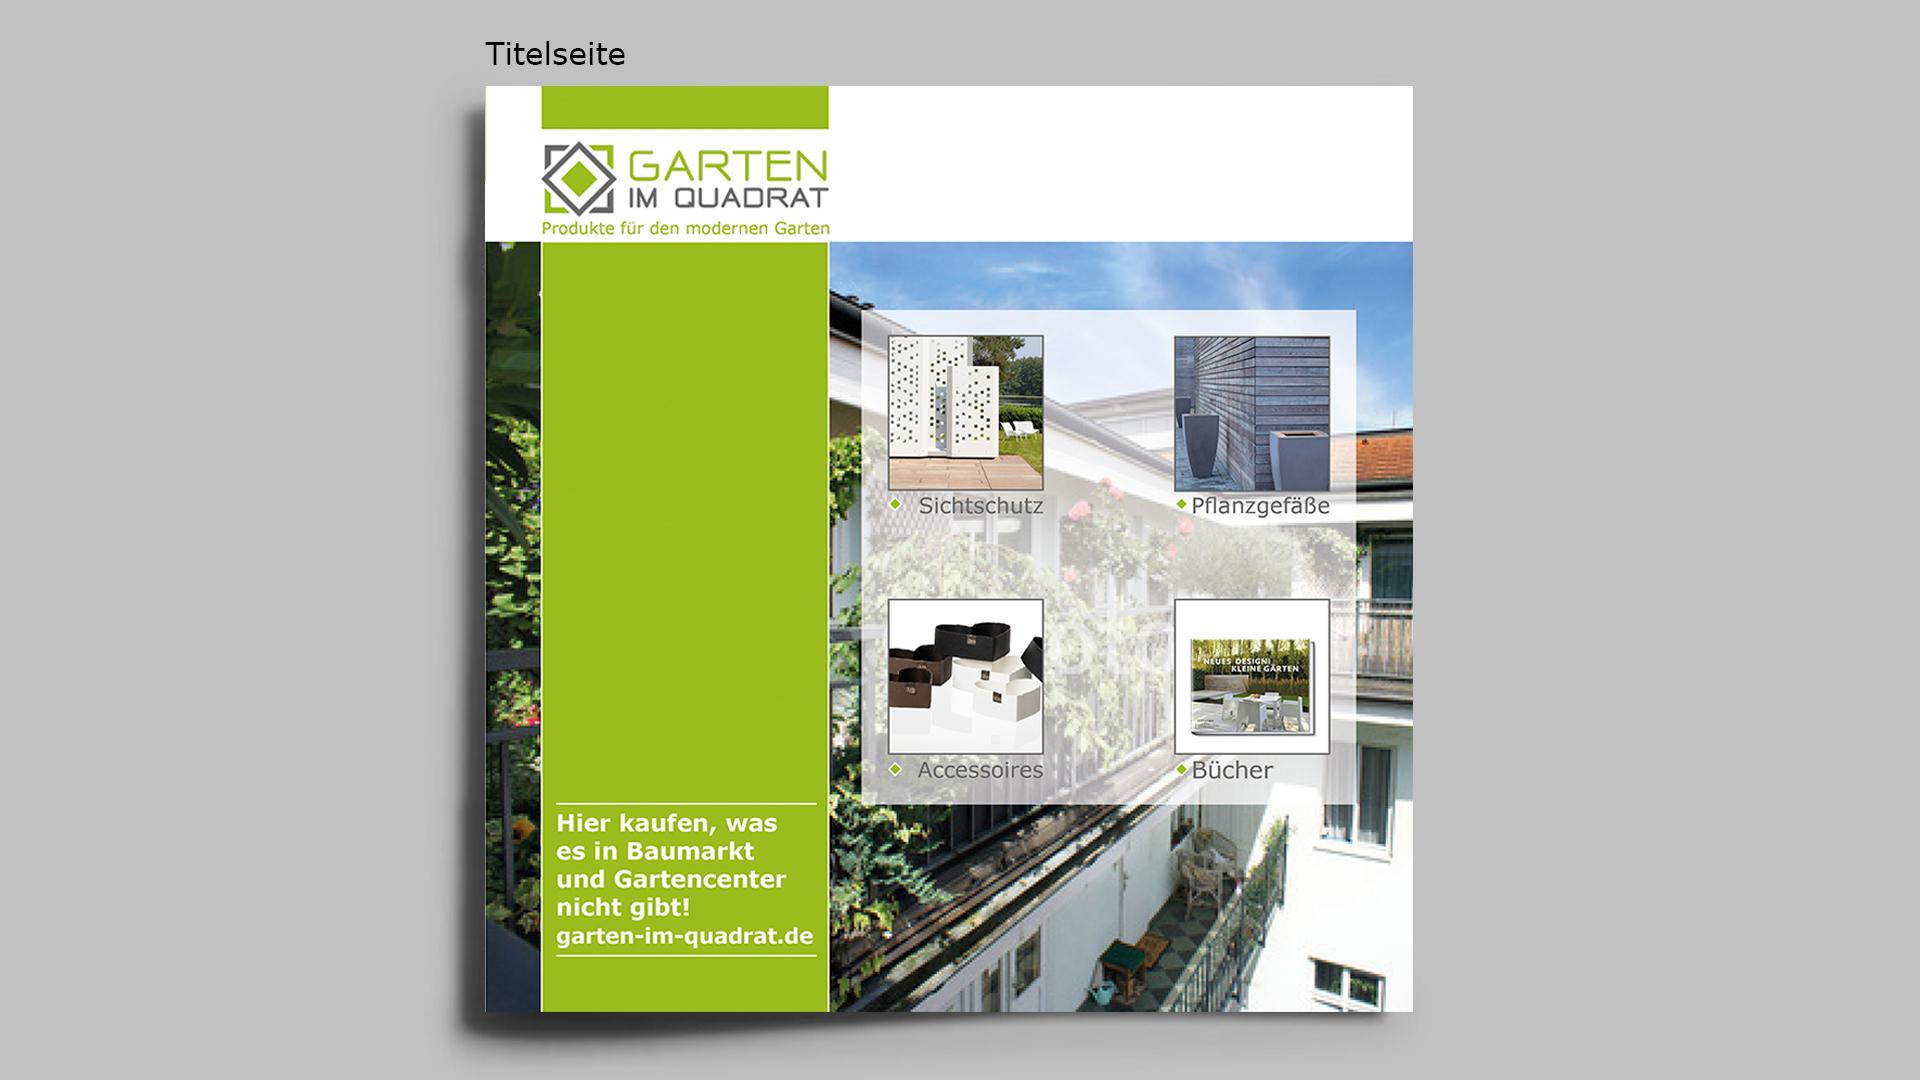 Flyer für Online-Shop mit modernen Gartenprodukten - puristisch und hochwertig